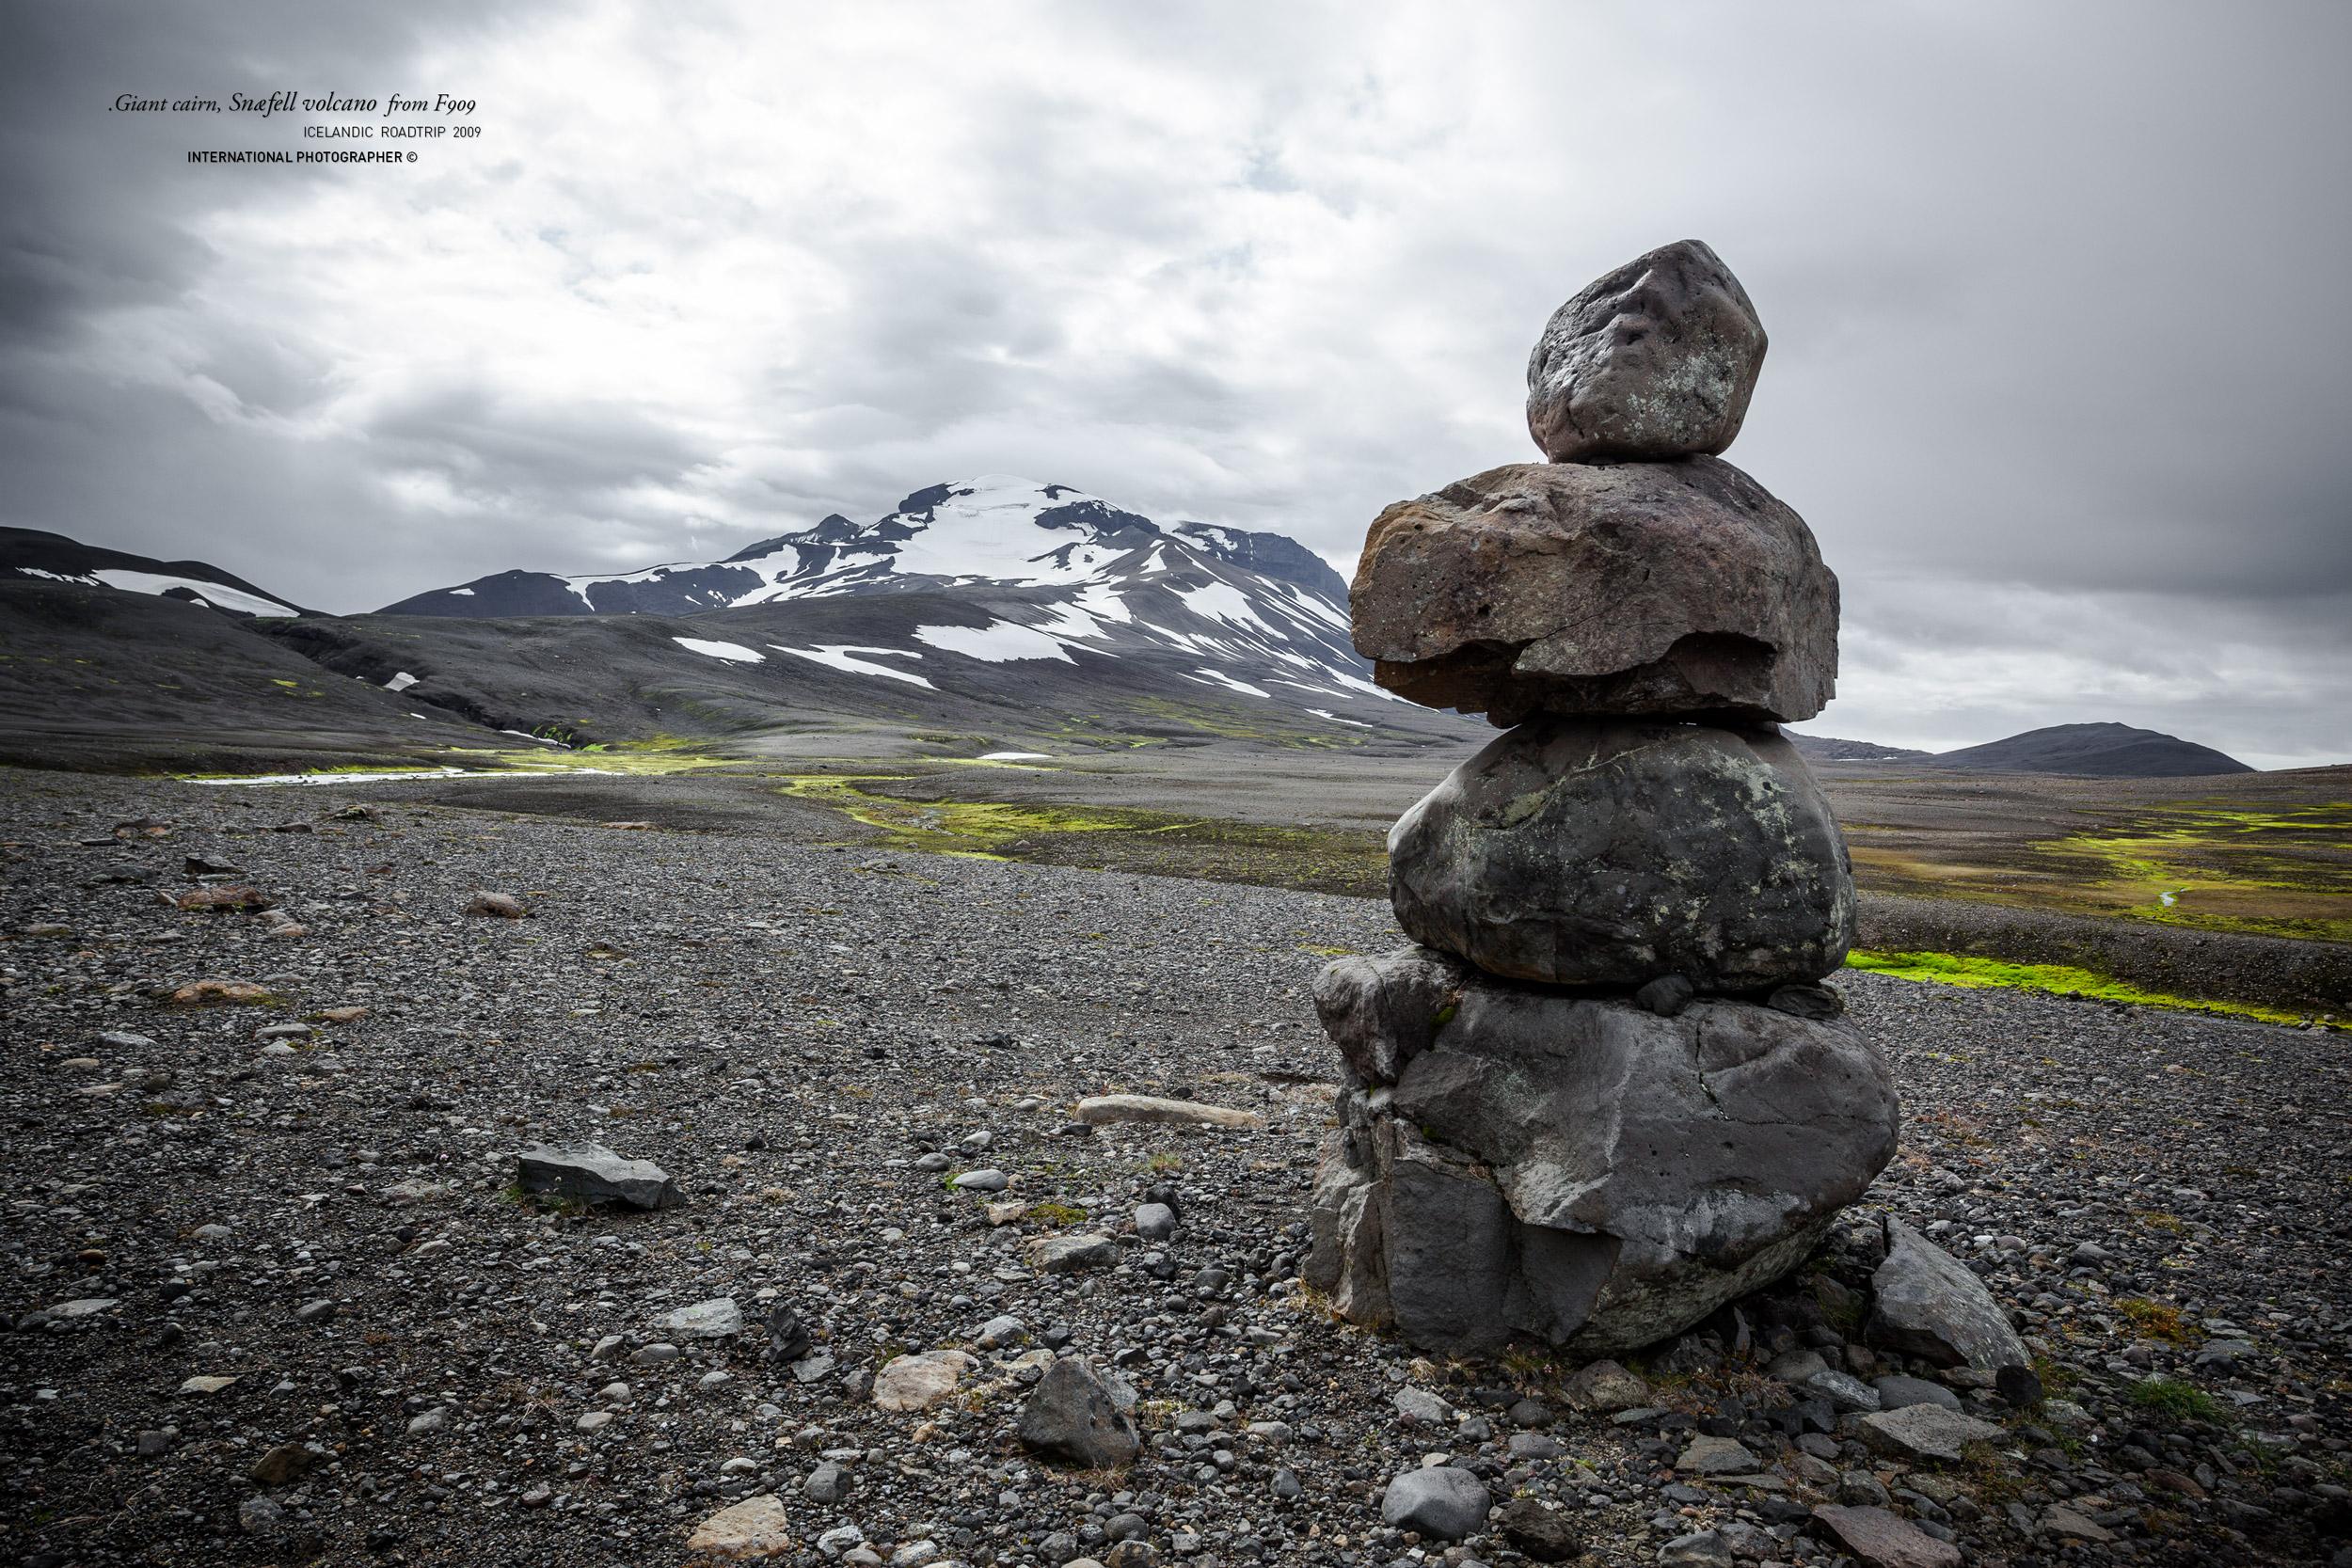 Un cairn géant devant le volcan Snaefell